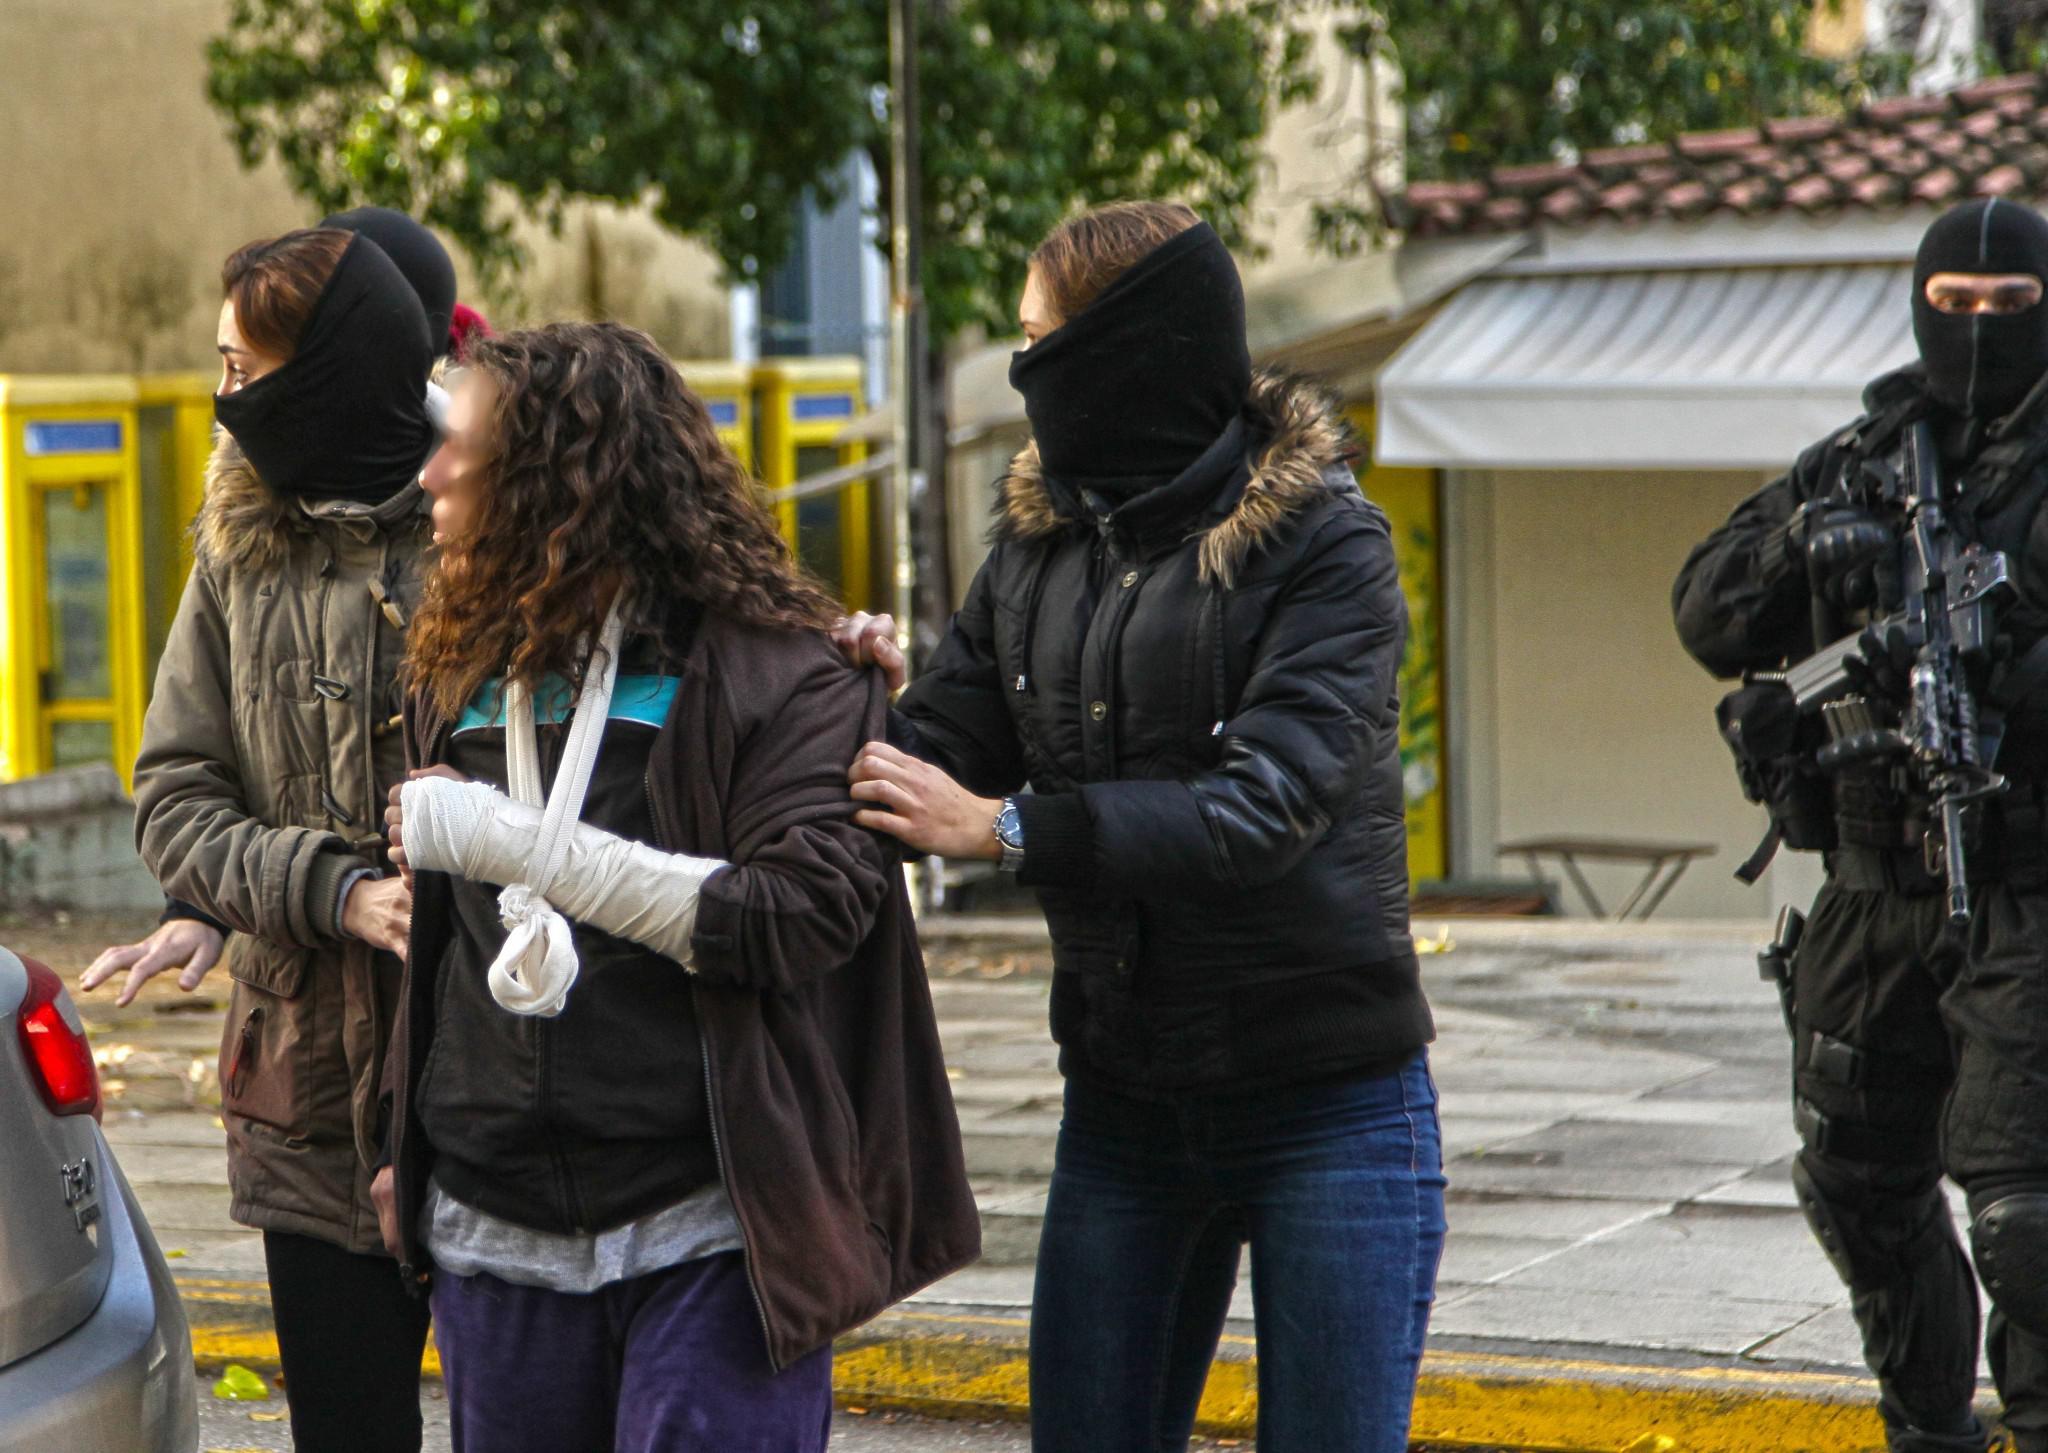 eisaggelia2-500 Προφυλακιστέες Ρούπα και 25χρονη - Κατηγορούνται για νέα τρομοκρατική οργάνωση